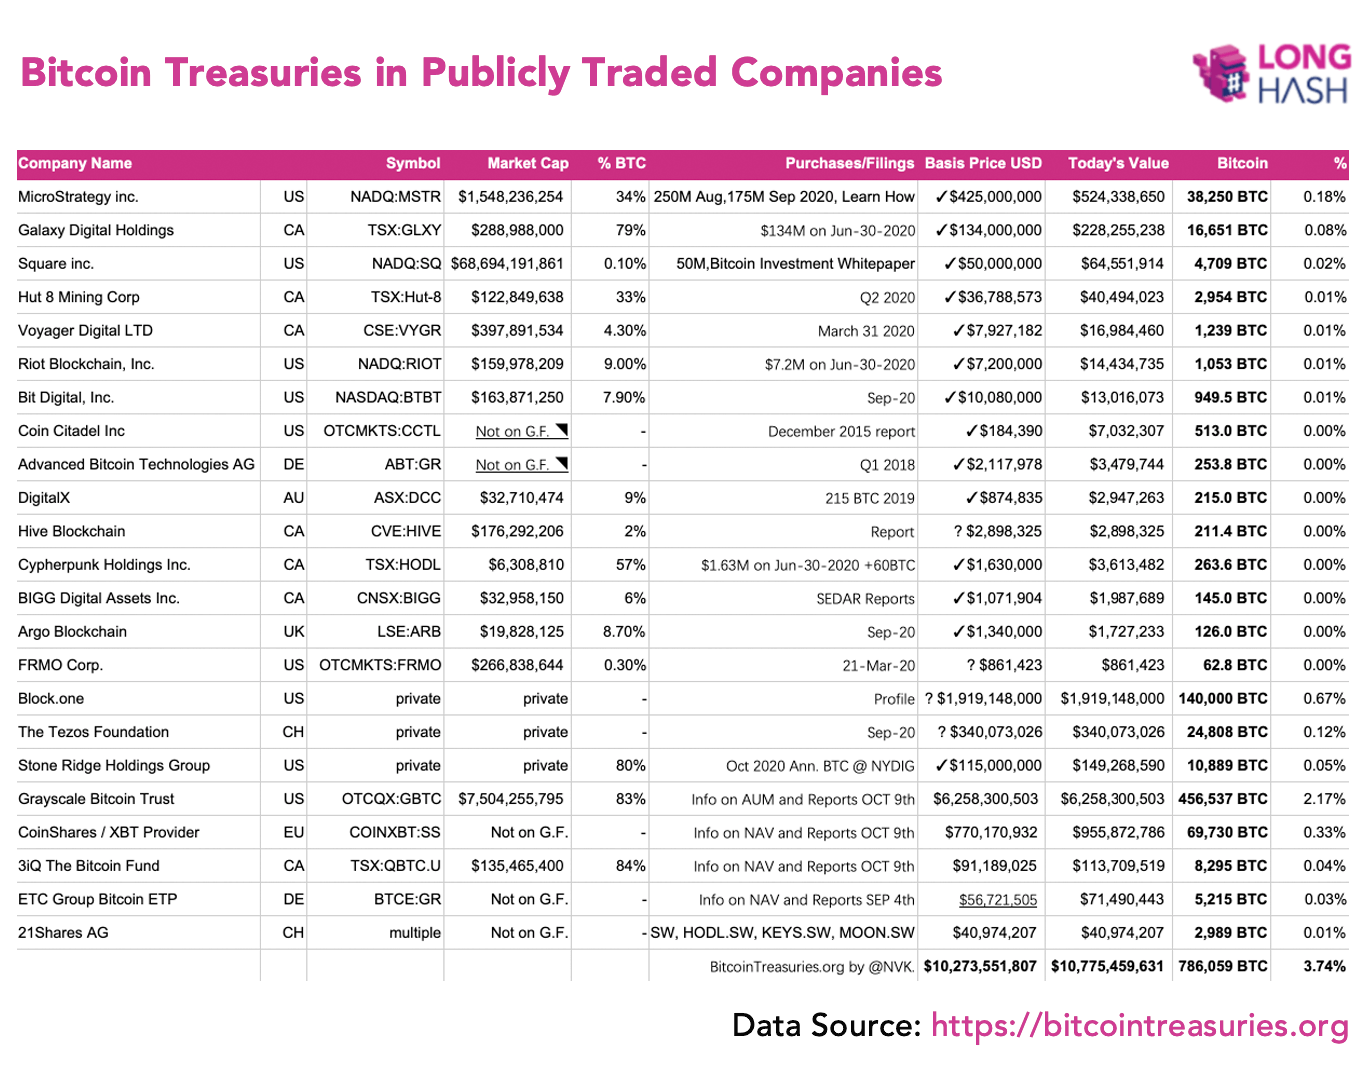 Список компаний, купивших биткоины